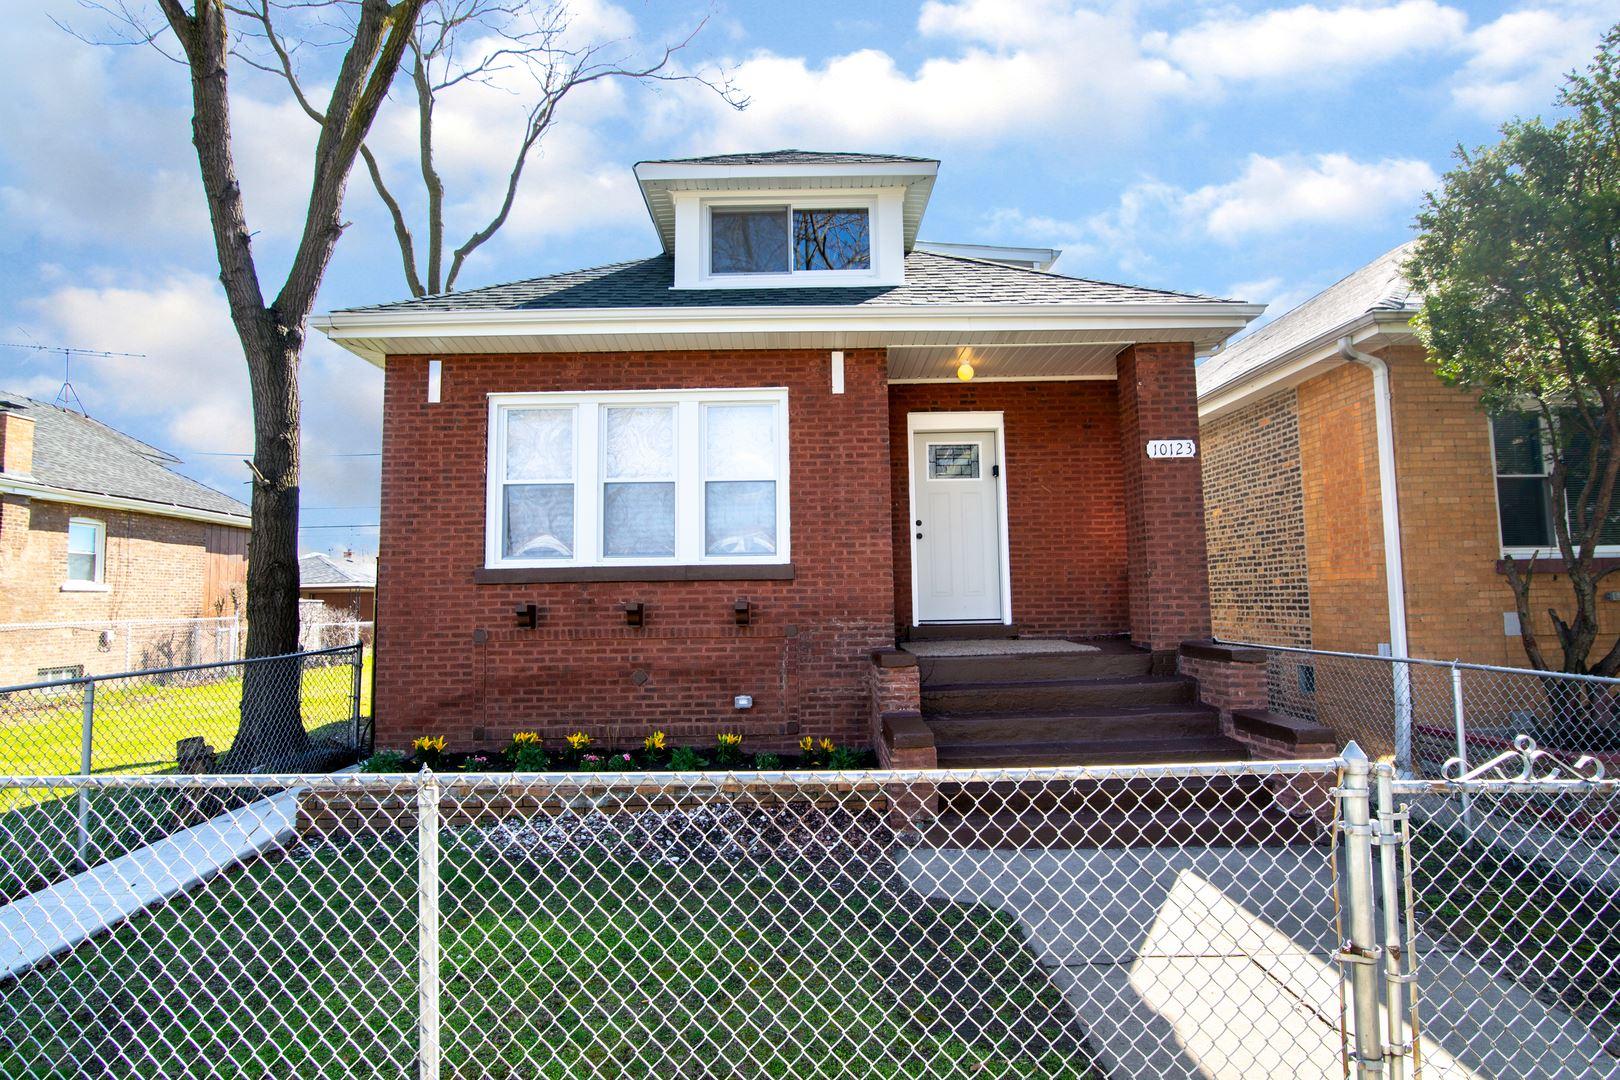 10123 S Hoxie Avenue, Chicago, IL 60617 - #: 10689863